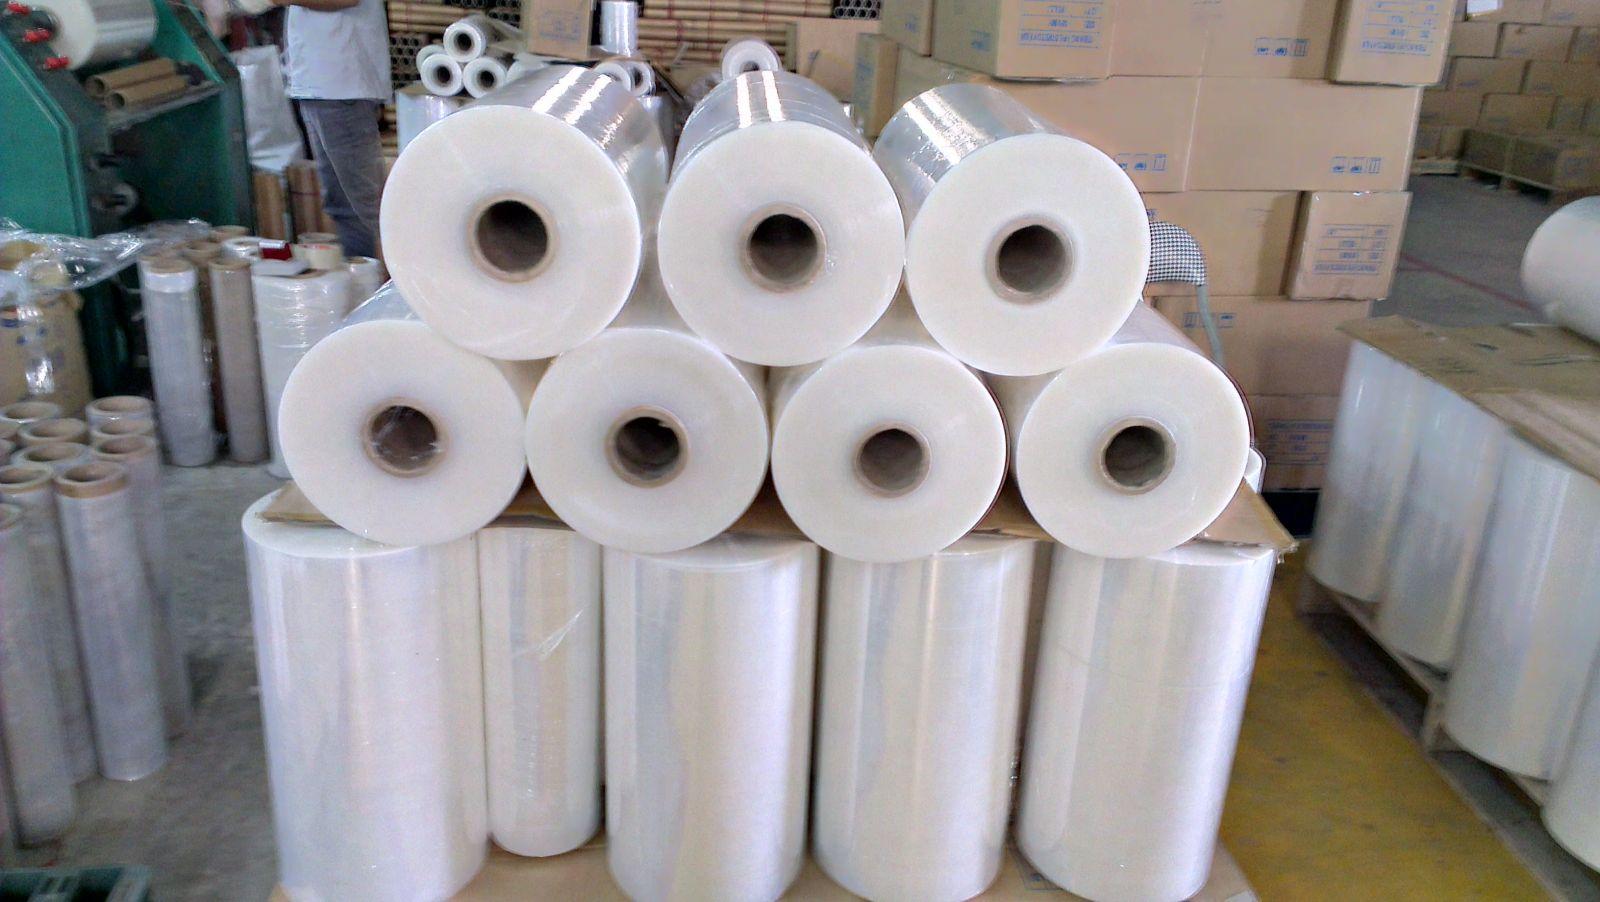 Sản phẩm cần bán: màng co pof giá tốt tại Bình Dương Mua-mang-pof-tai-binh-duong